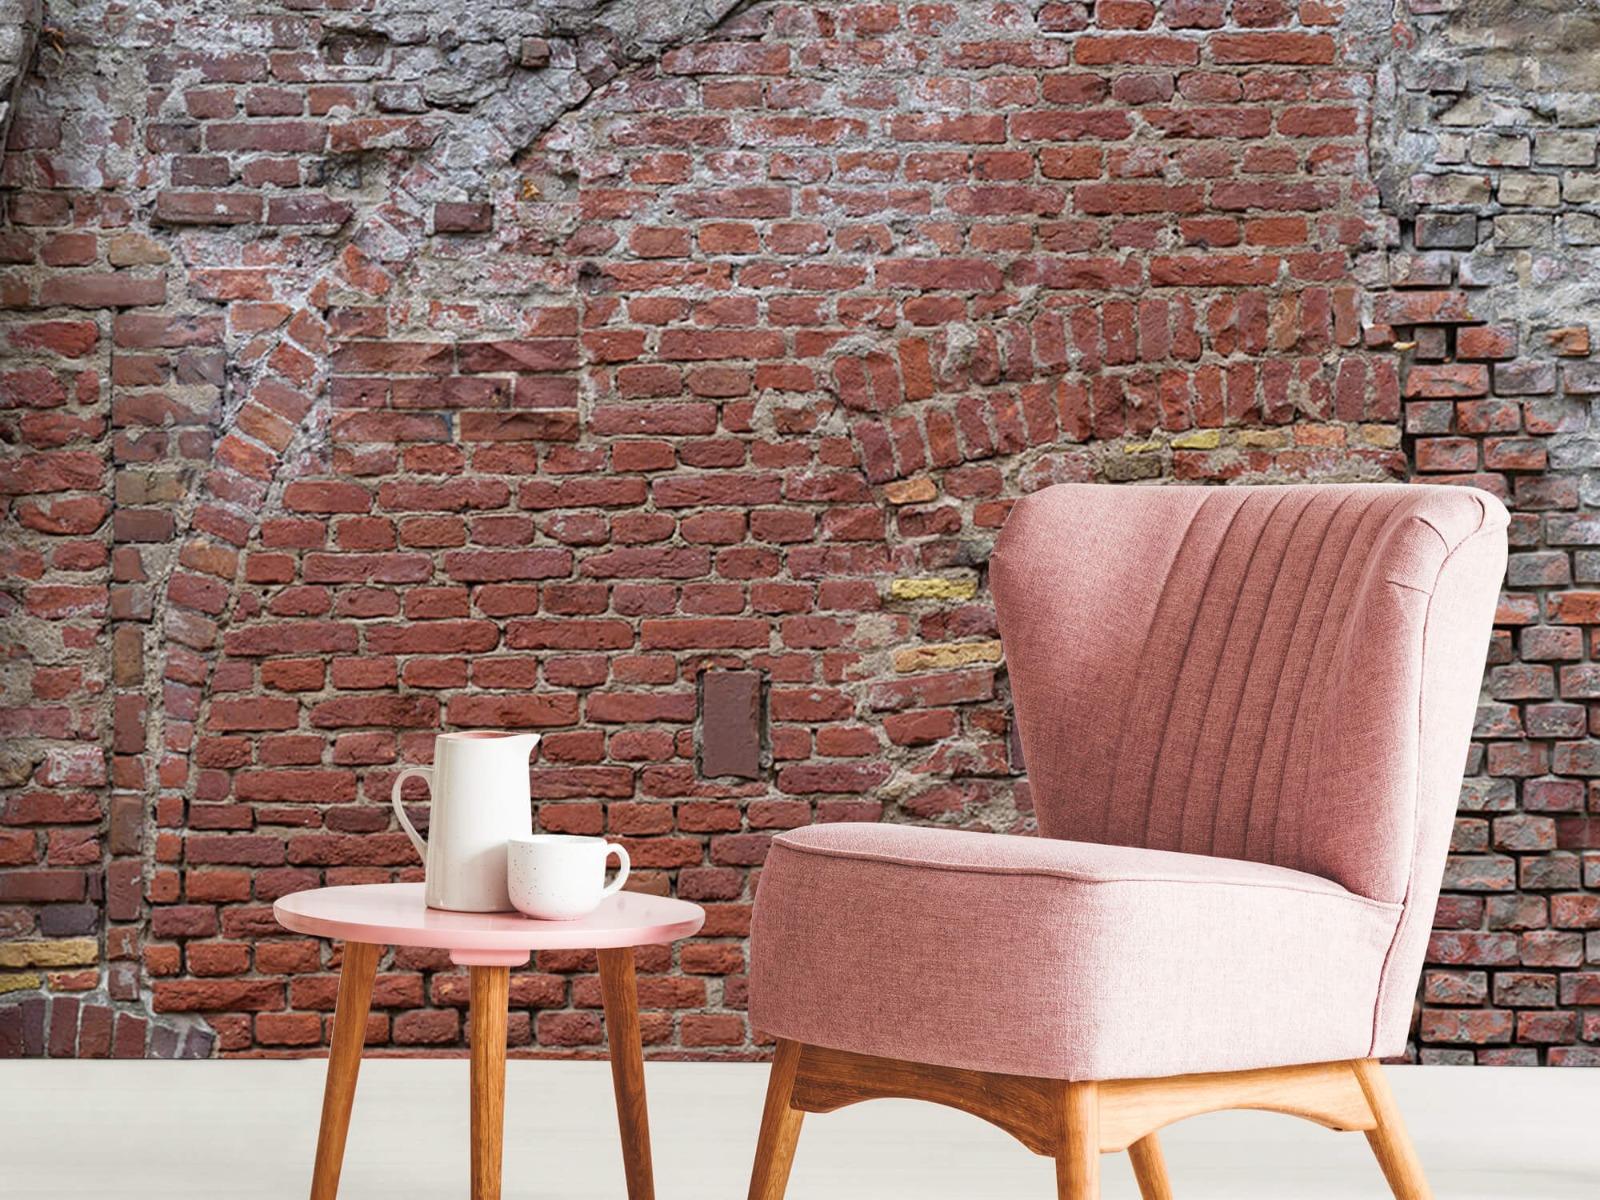 Steen behang - Oude herstelde stadsmuur - Tienerkamer 8